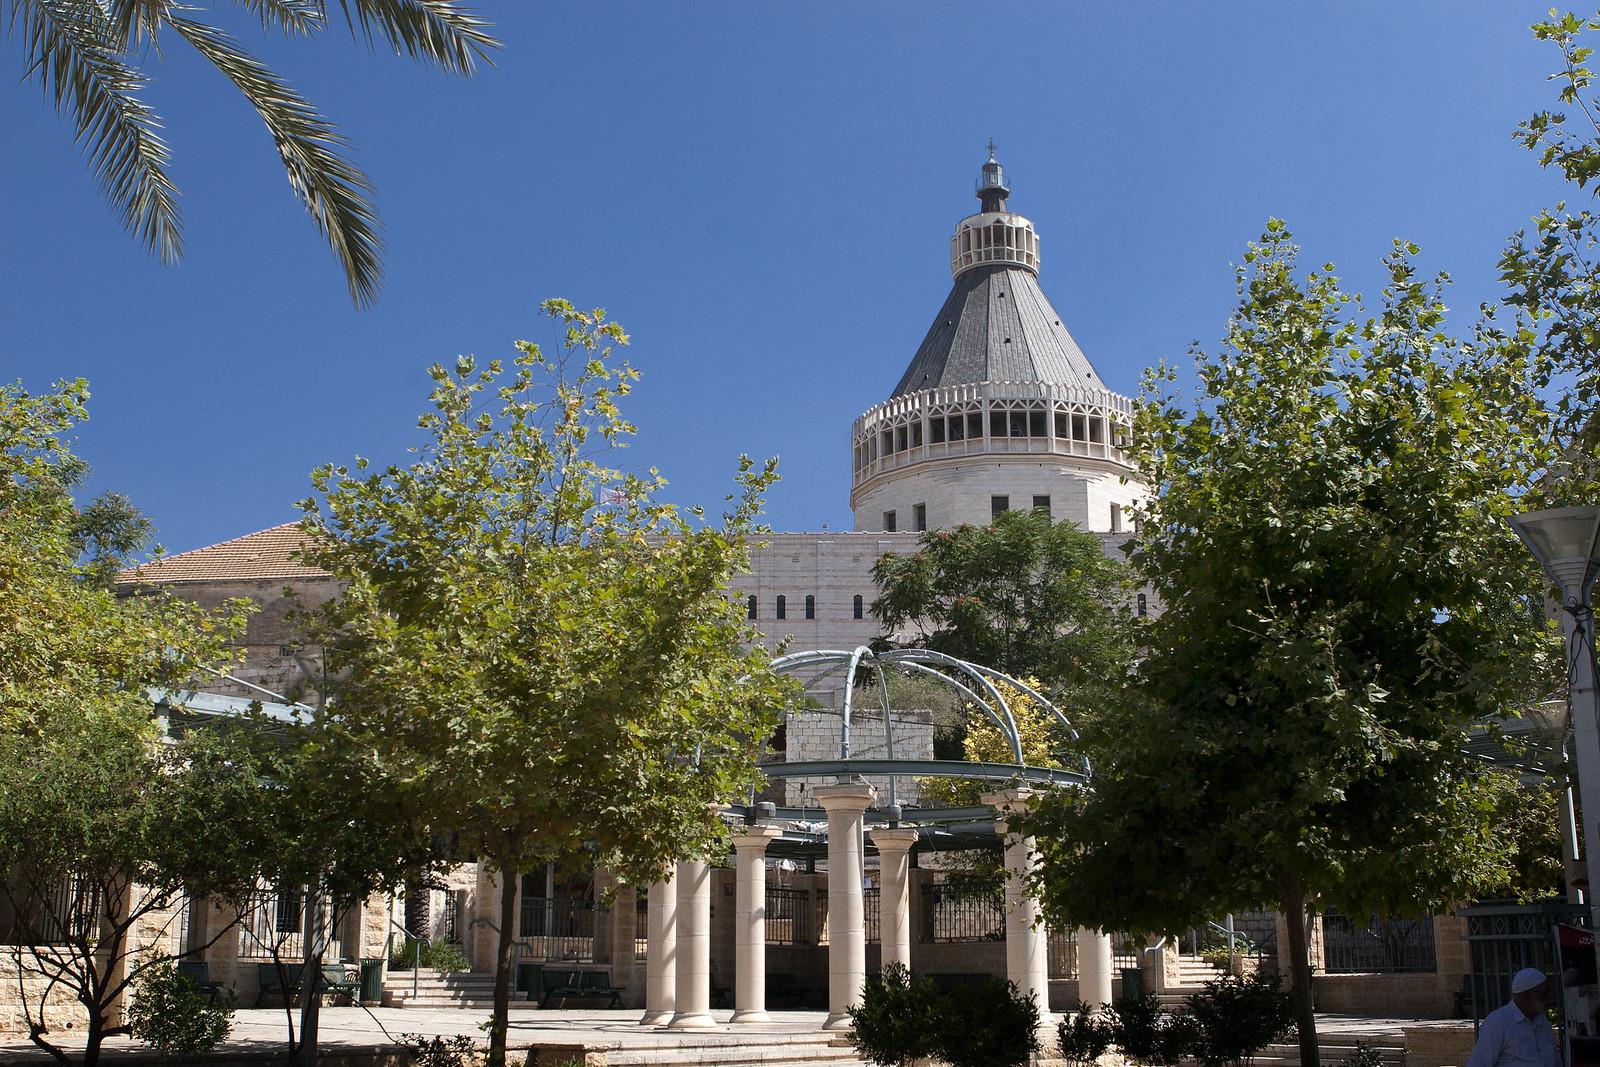 Nazareth_Basilica of the Annunciation_1_Mordagan_IMOT